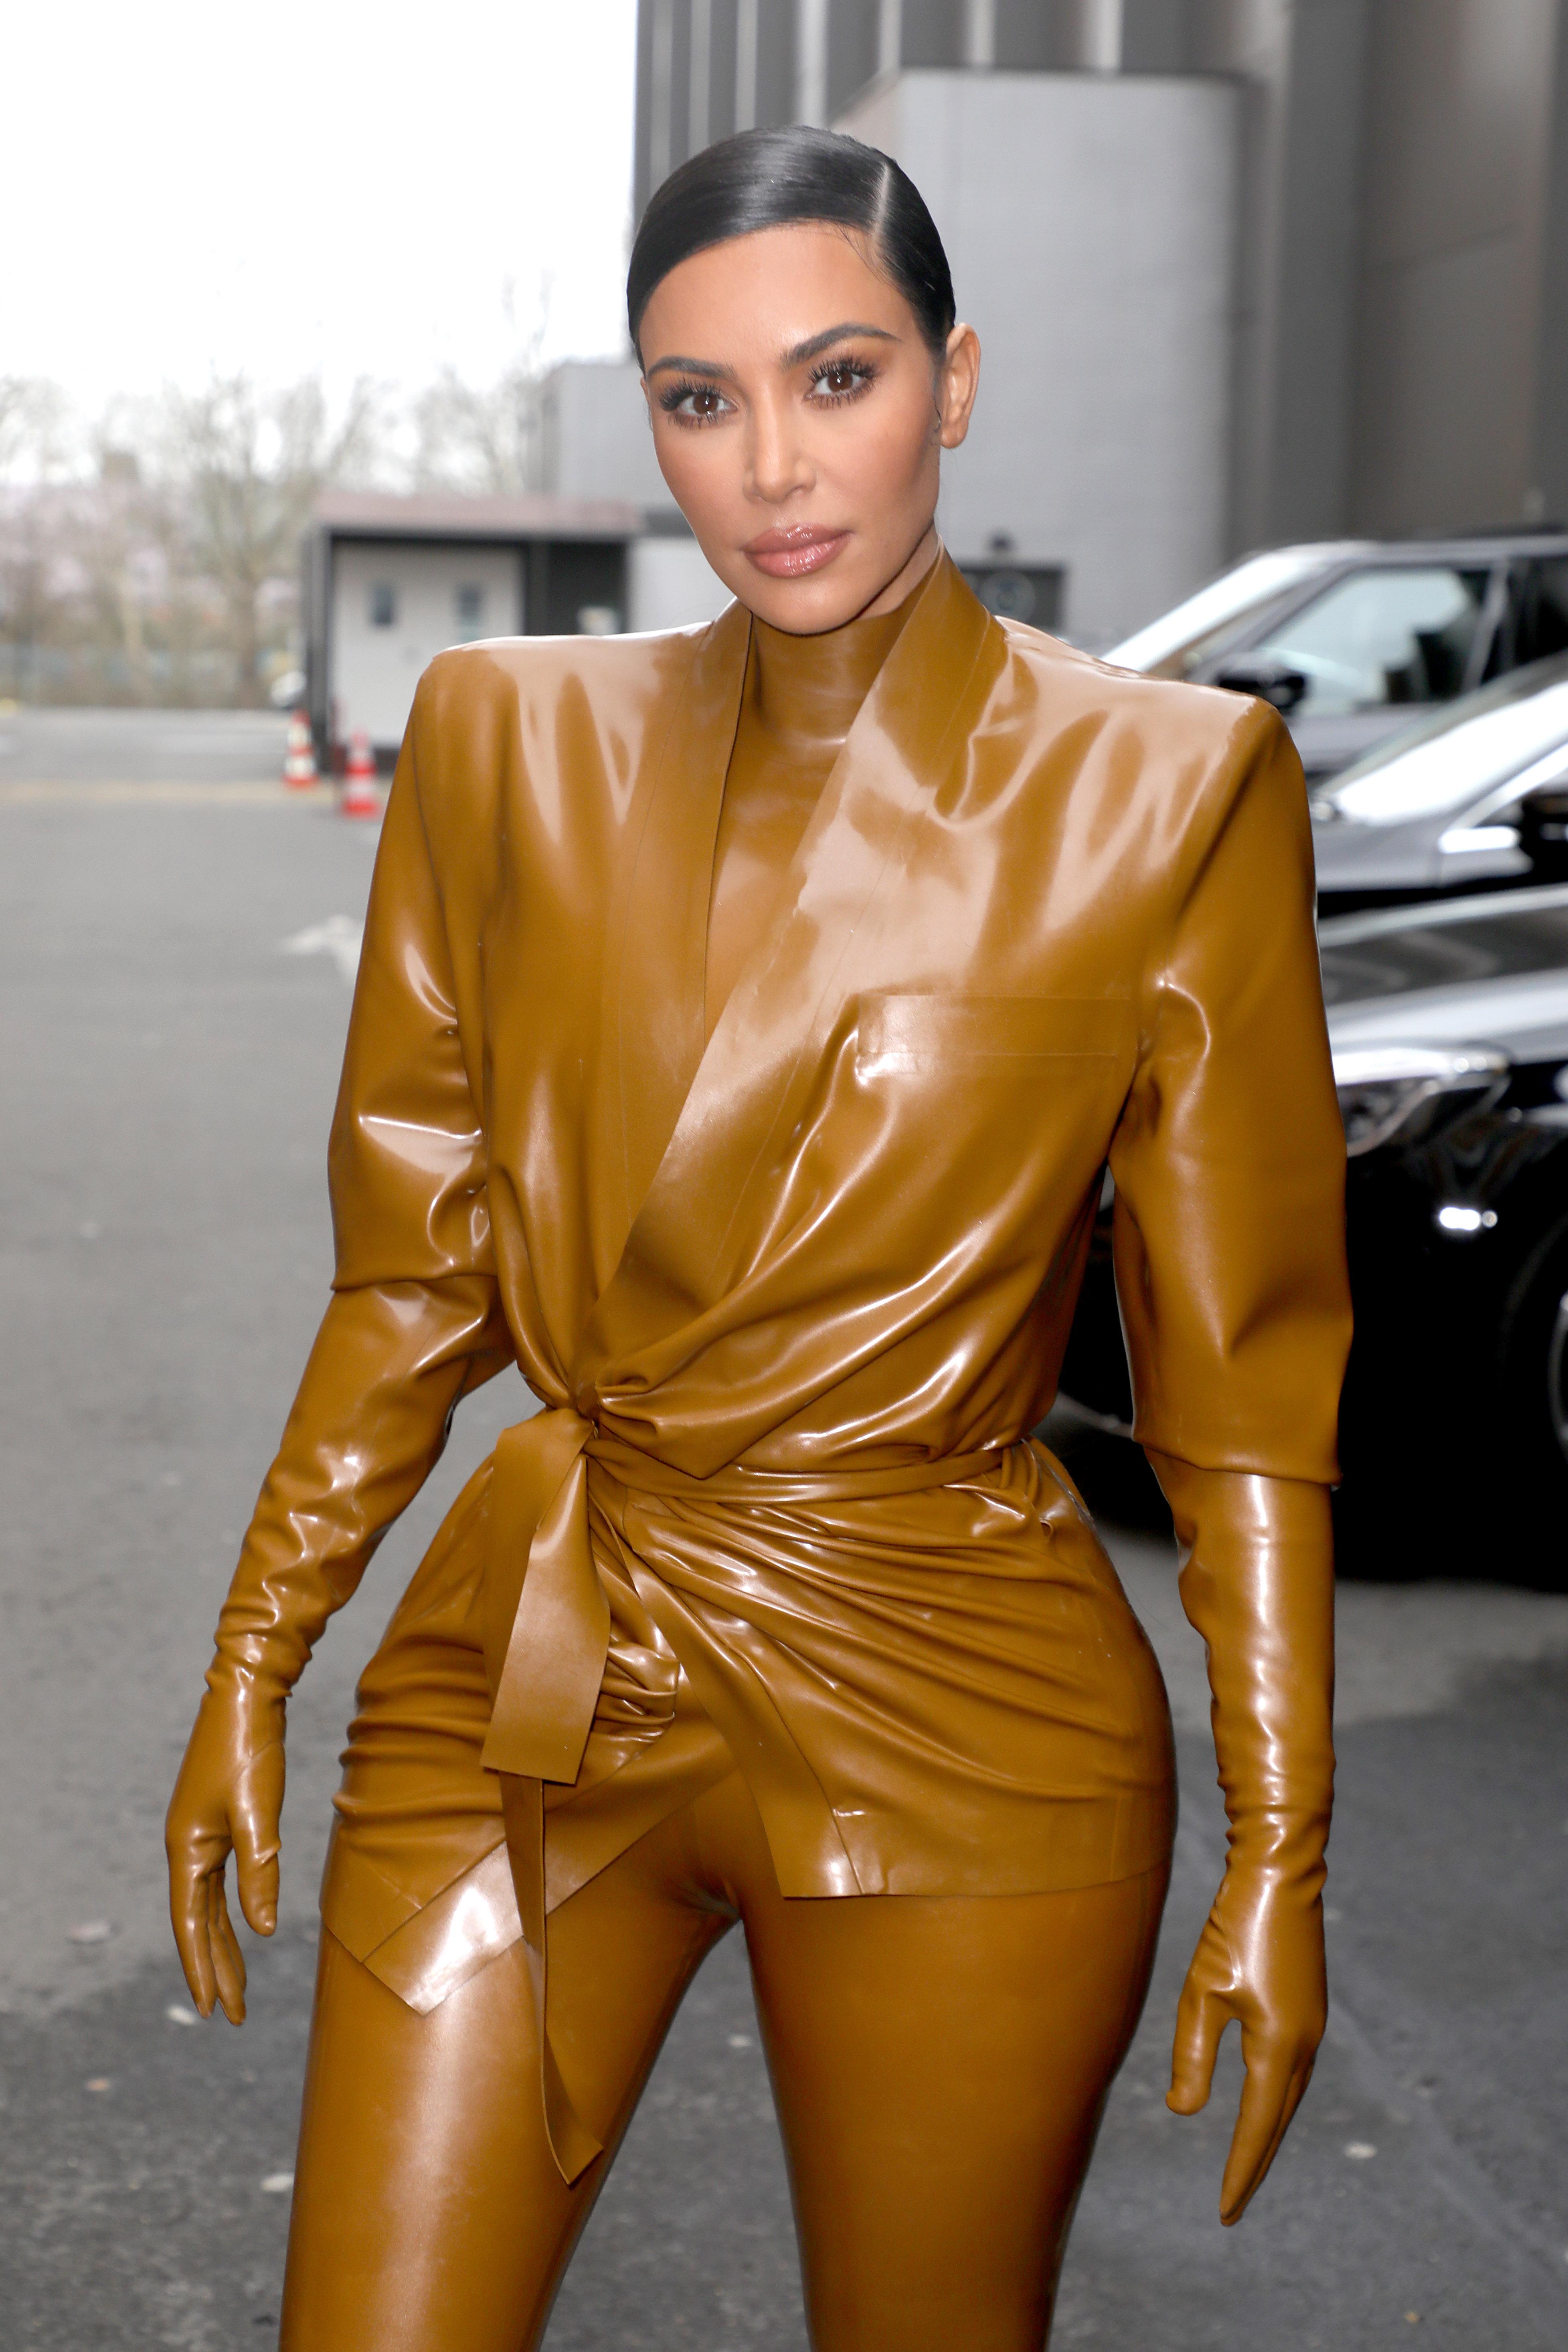 Η Kim Kardashian στο Παρίσι με το πιο μακρύ ponytail που την έχουμε δει ποτέ!